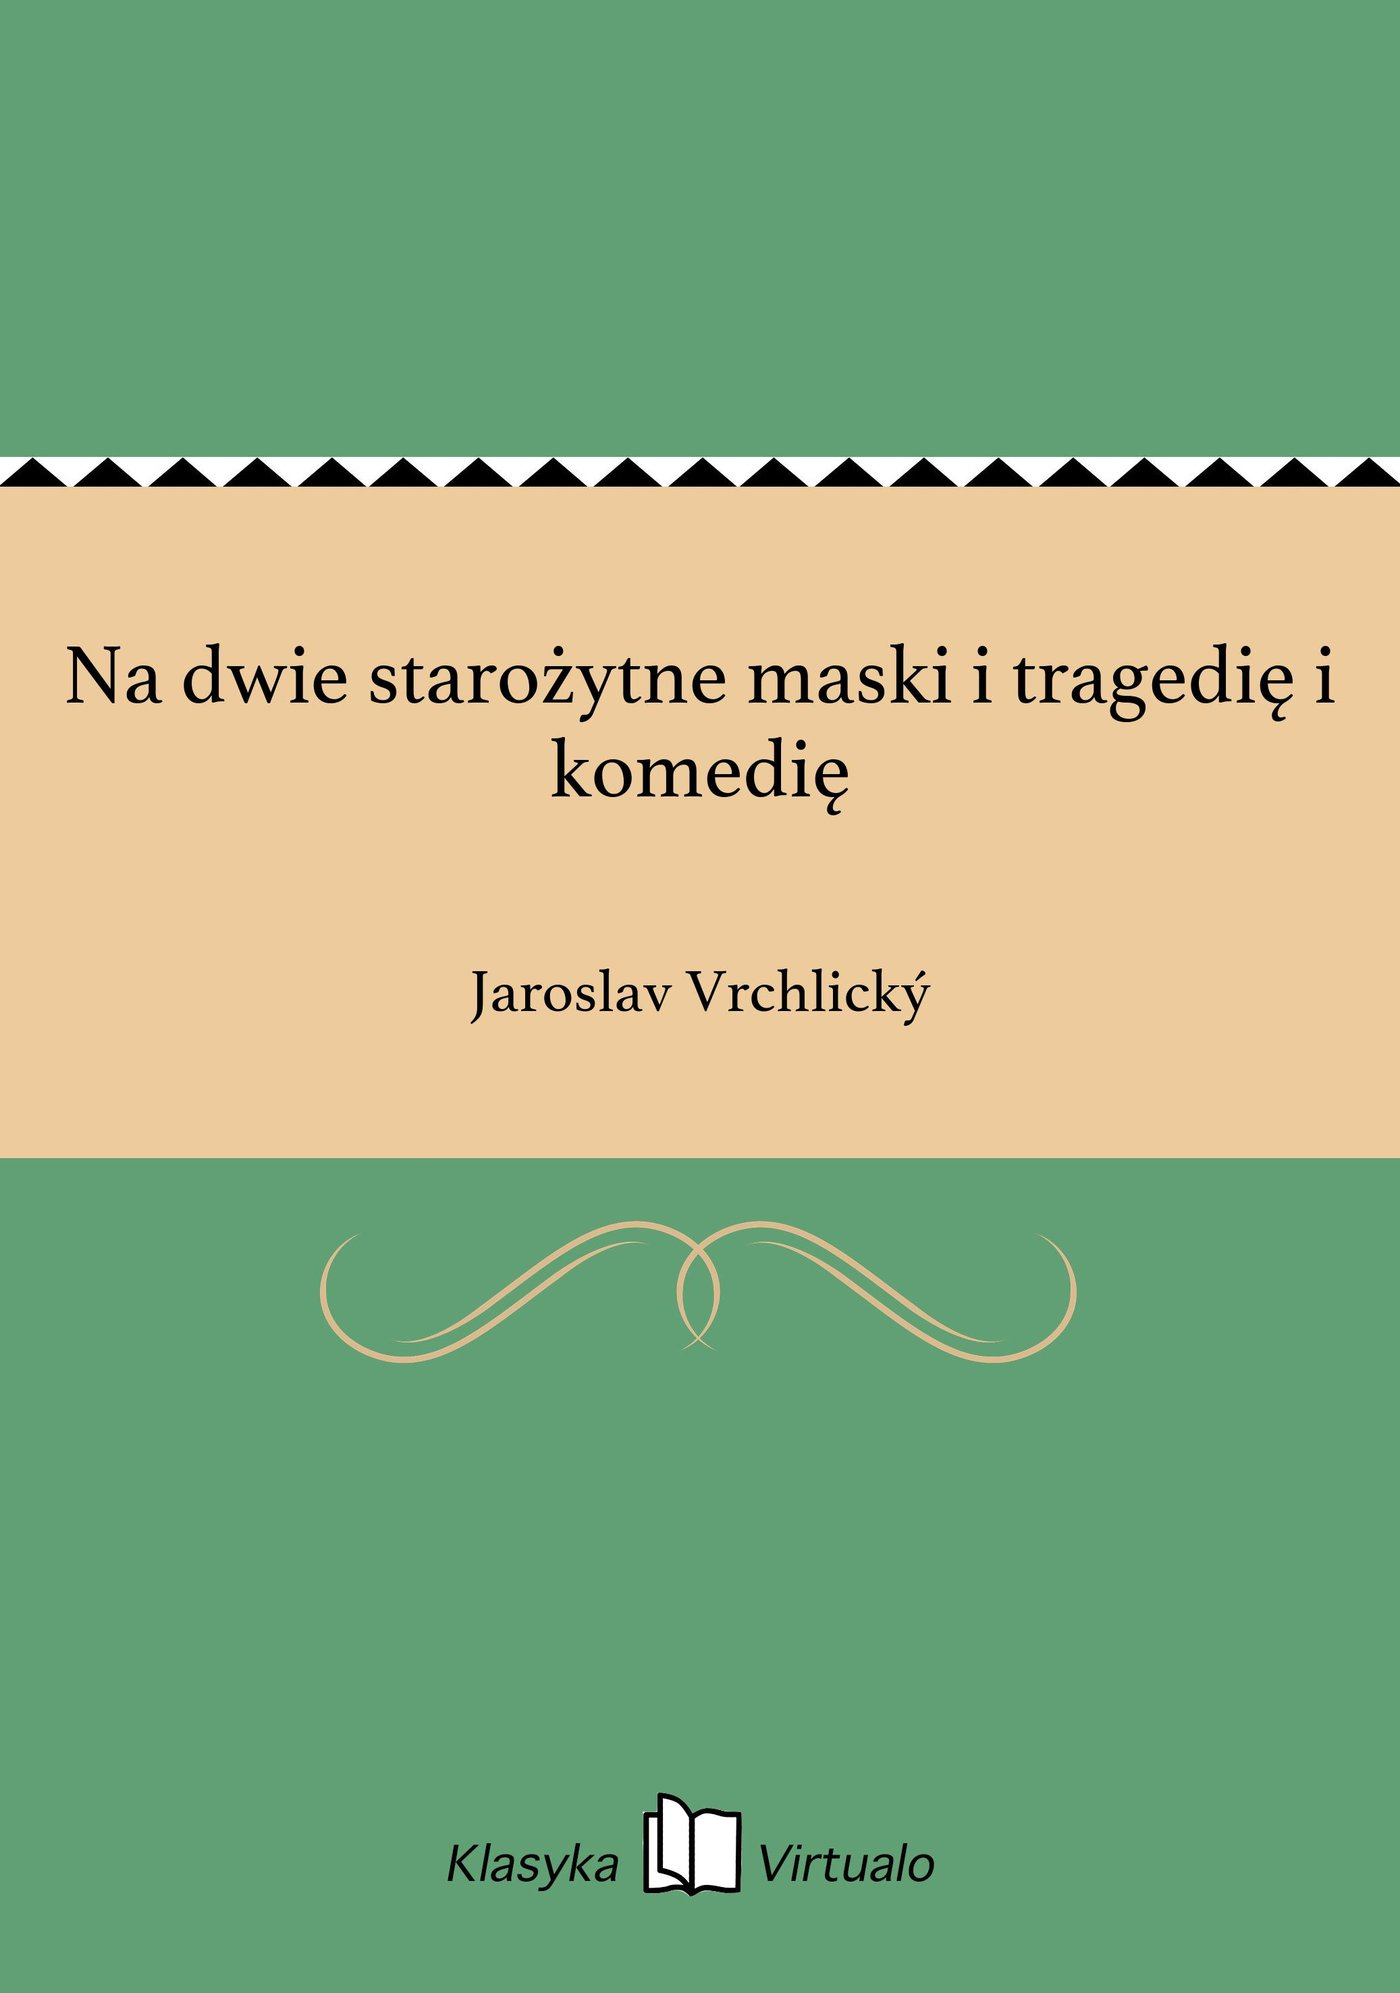 Na dwie starożytne maski i tragedię i komedię - Ebook (Książka EPUB) do pobrania w formacie EPUB